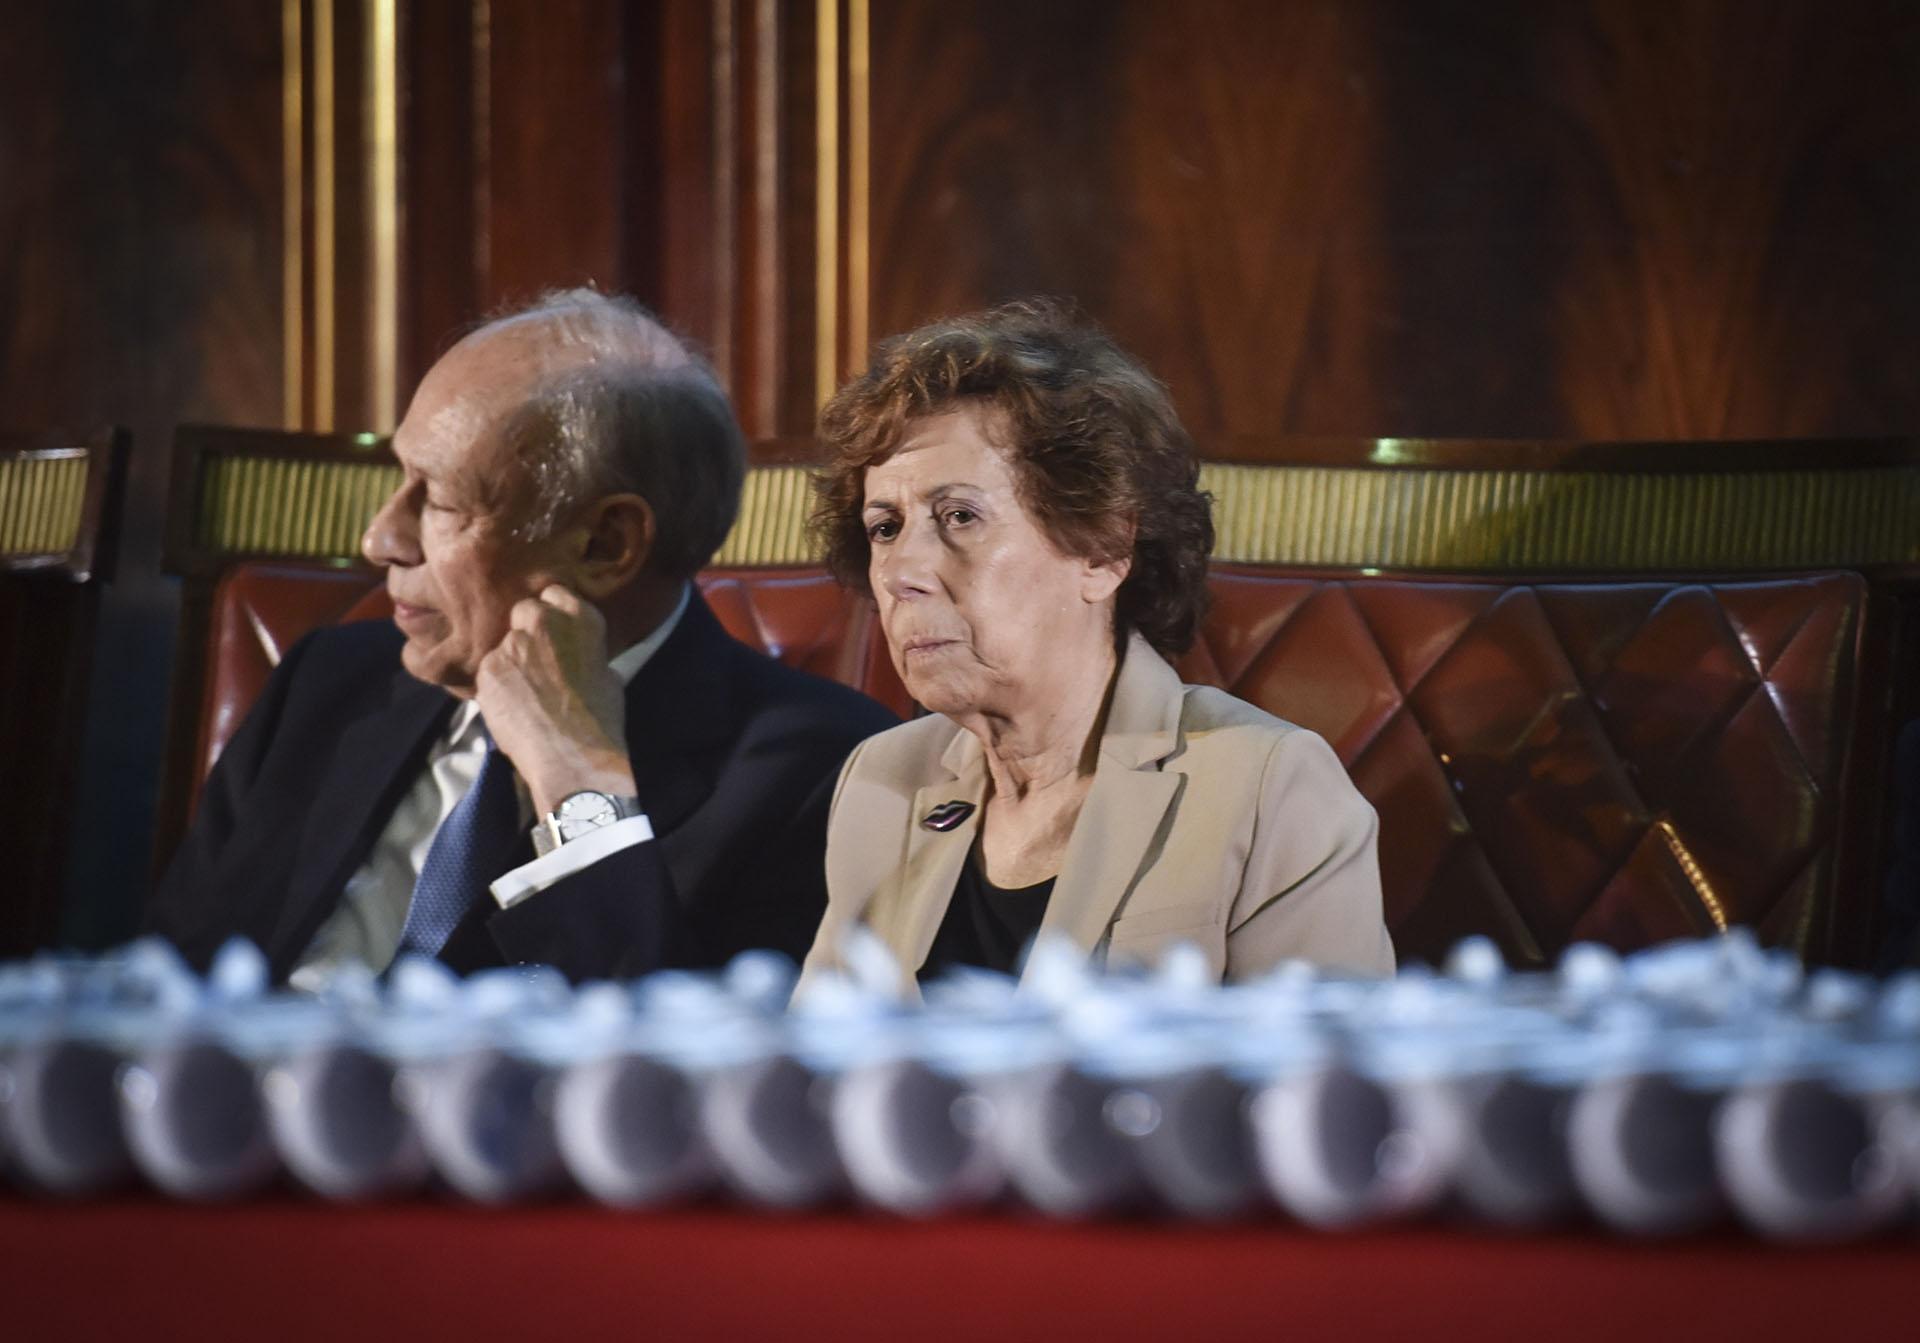 Luis Ovsejevich y la Secretaria General del Gran Jurado, Clara Mariño (Konex de Platino 1997: Producción Periodística Audiovisual. Jurado Premios Konex 2017, 2007 y 1998). Esta es la cuarta oportunidad en que Instituciones-Comunidad-Empresa es considerado. Ocurrió en los años 1988, 1998 y 2008